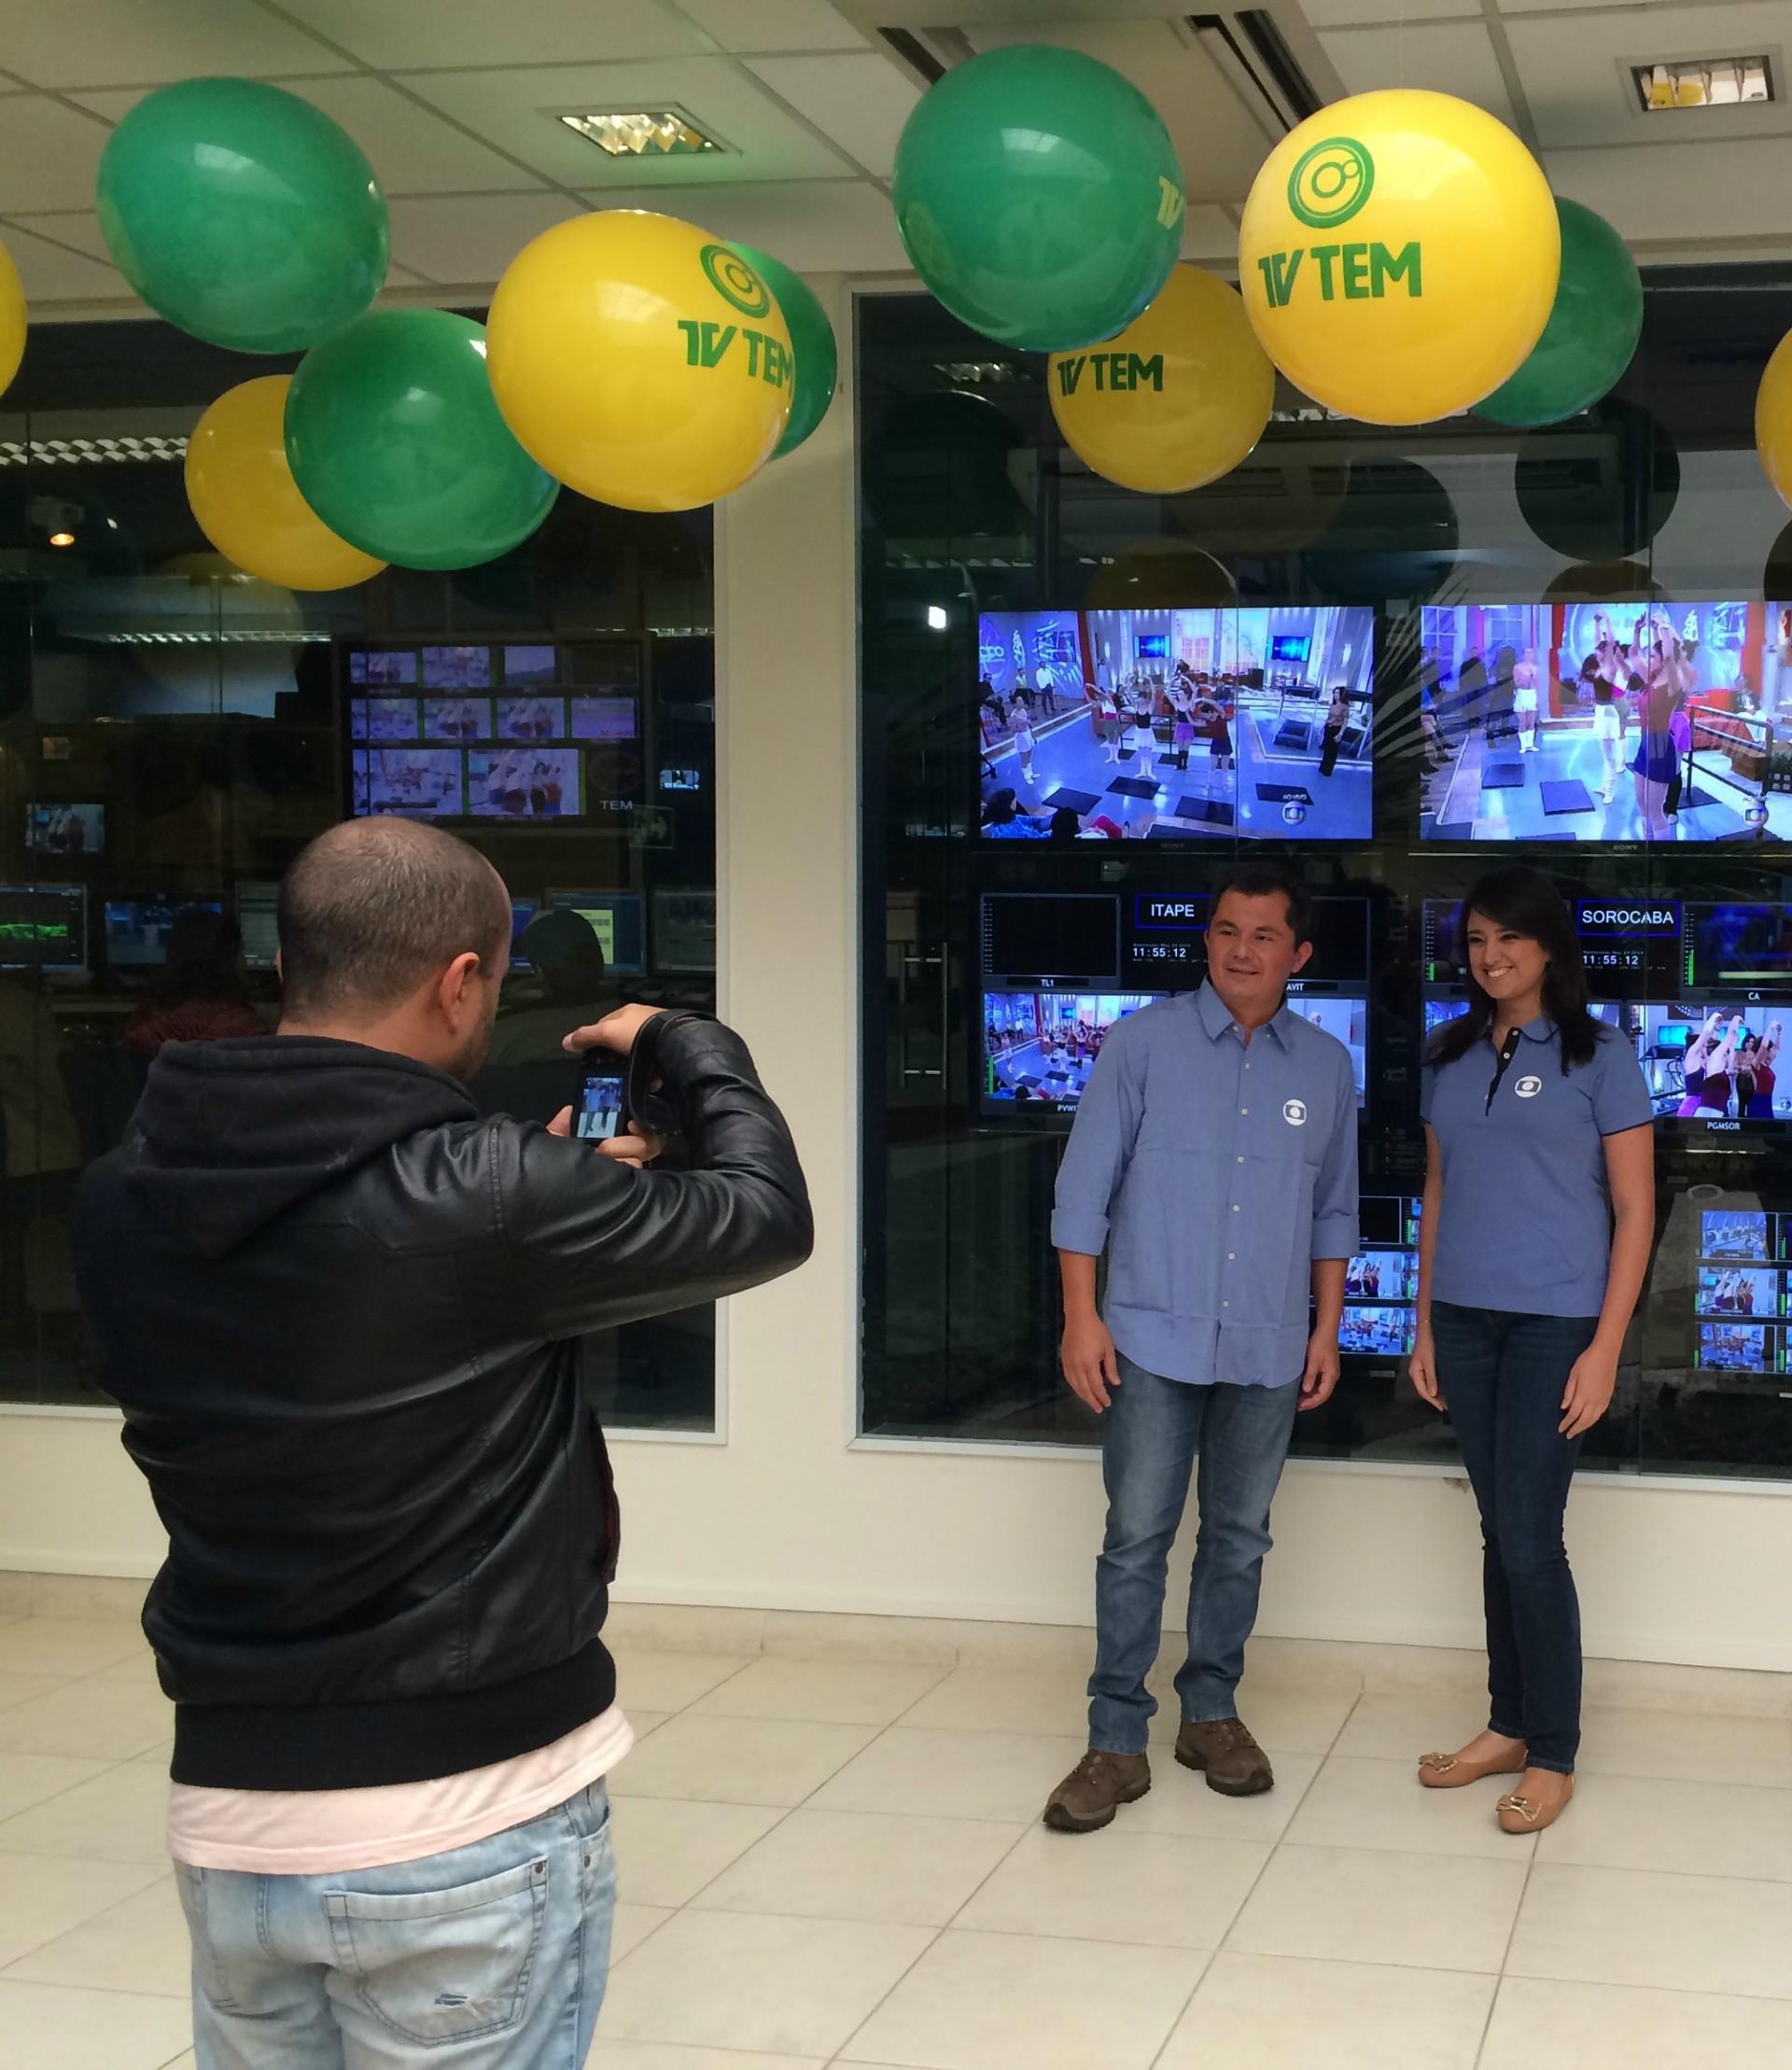 Equipes de todas as regiões da TV TEM estão preparadas para a cobertura da Copa do Mundo 2014 (Foto: Gabriela Cardoso/TV TEM)